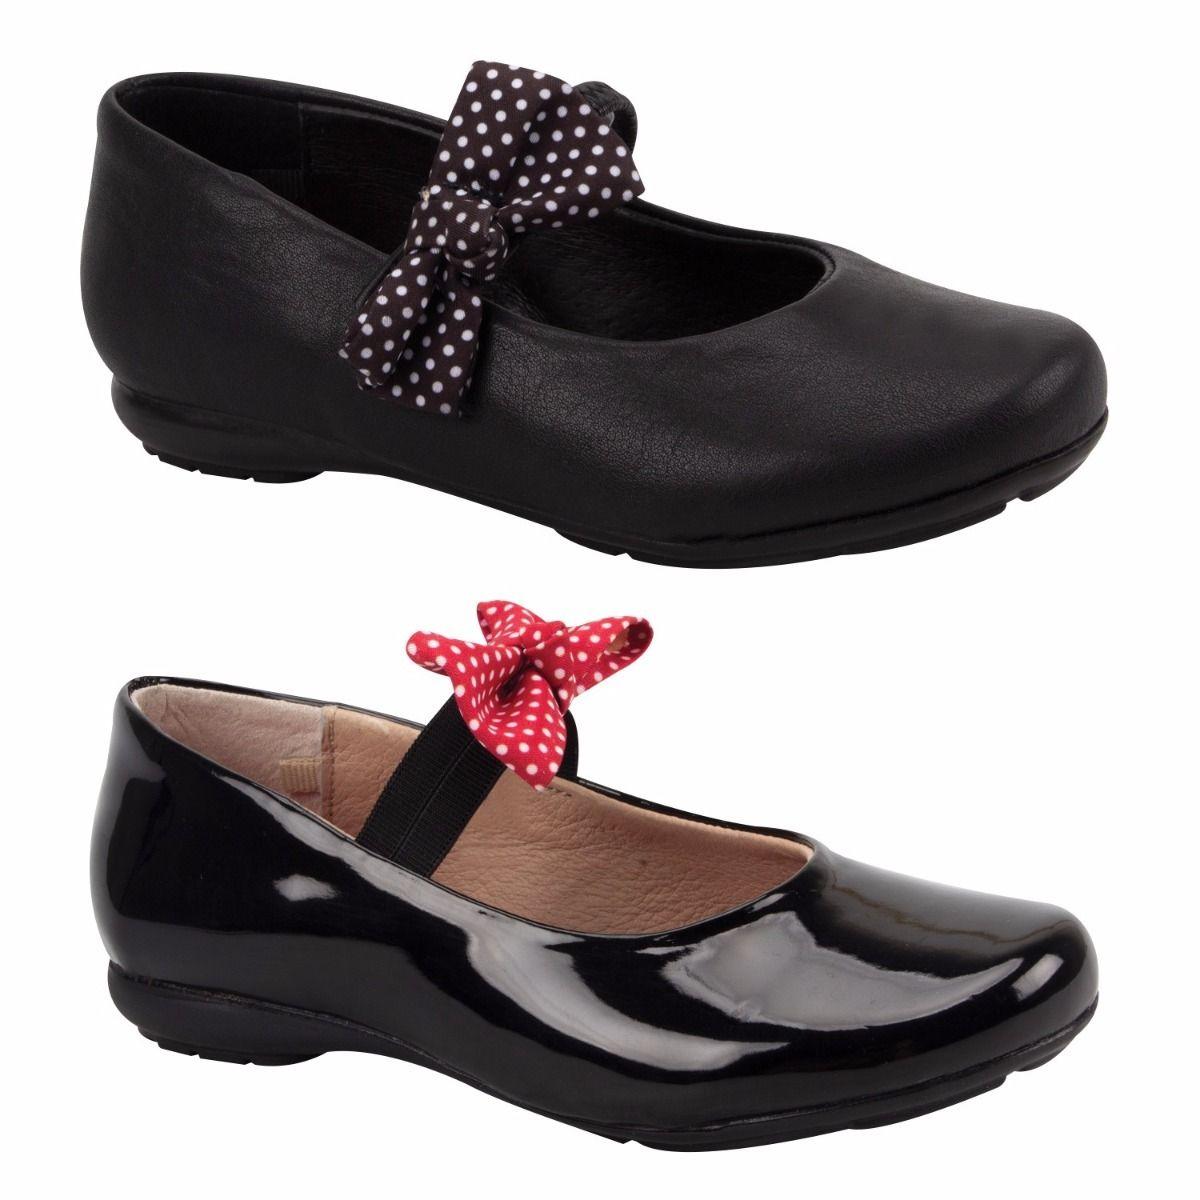 Modelos De Zapatos Escolares Para Niñas 2018 Escolares Modelos Modelosdezapatos Zapatos Zapatos Escolares Para Niña Modelos De Zapatos Zapatos Para Niñas